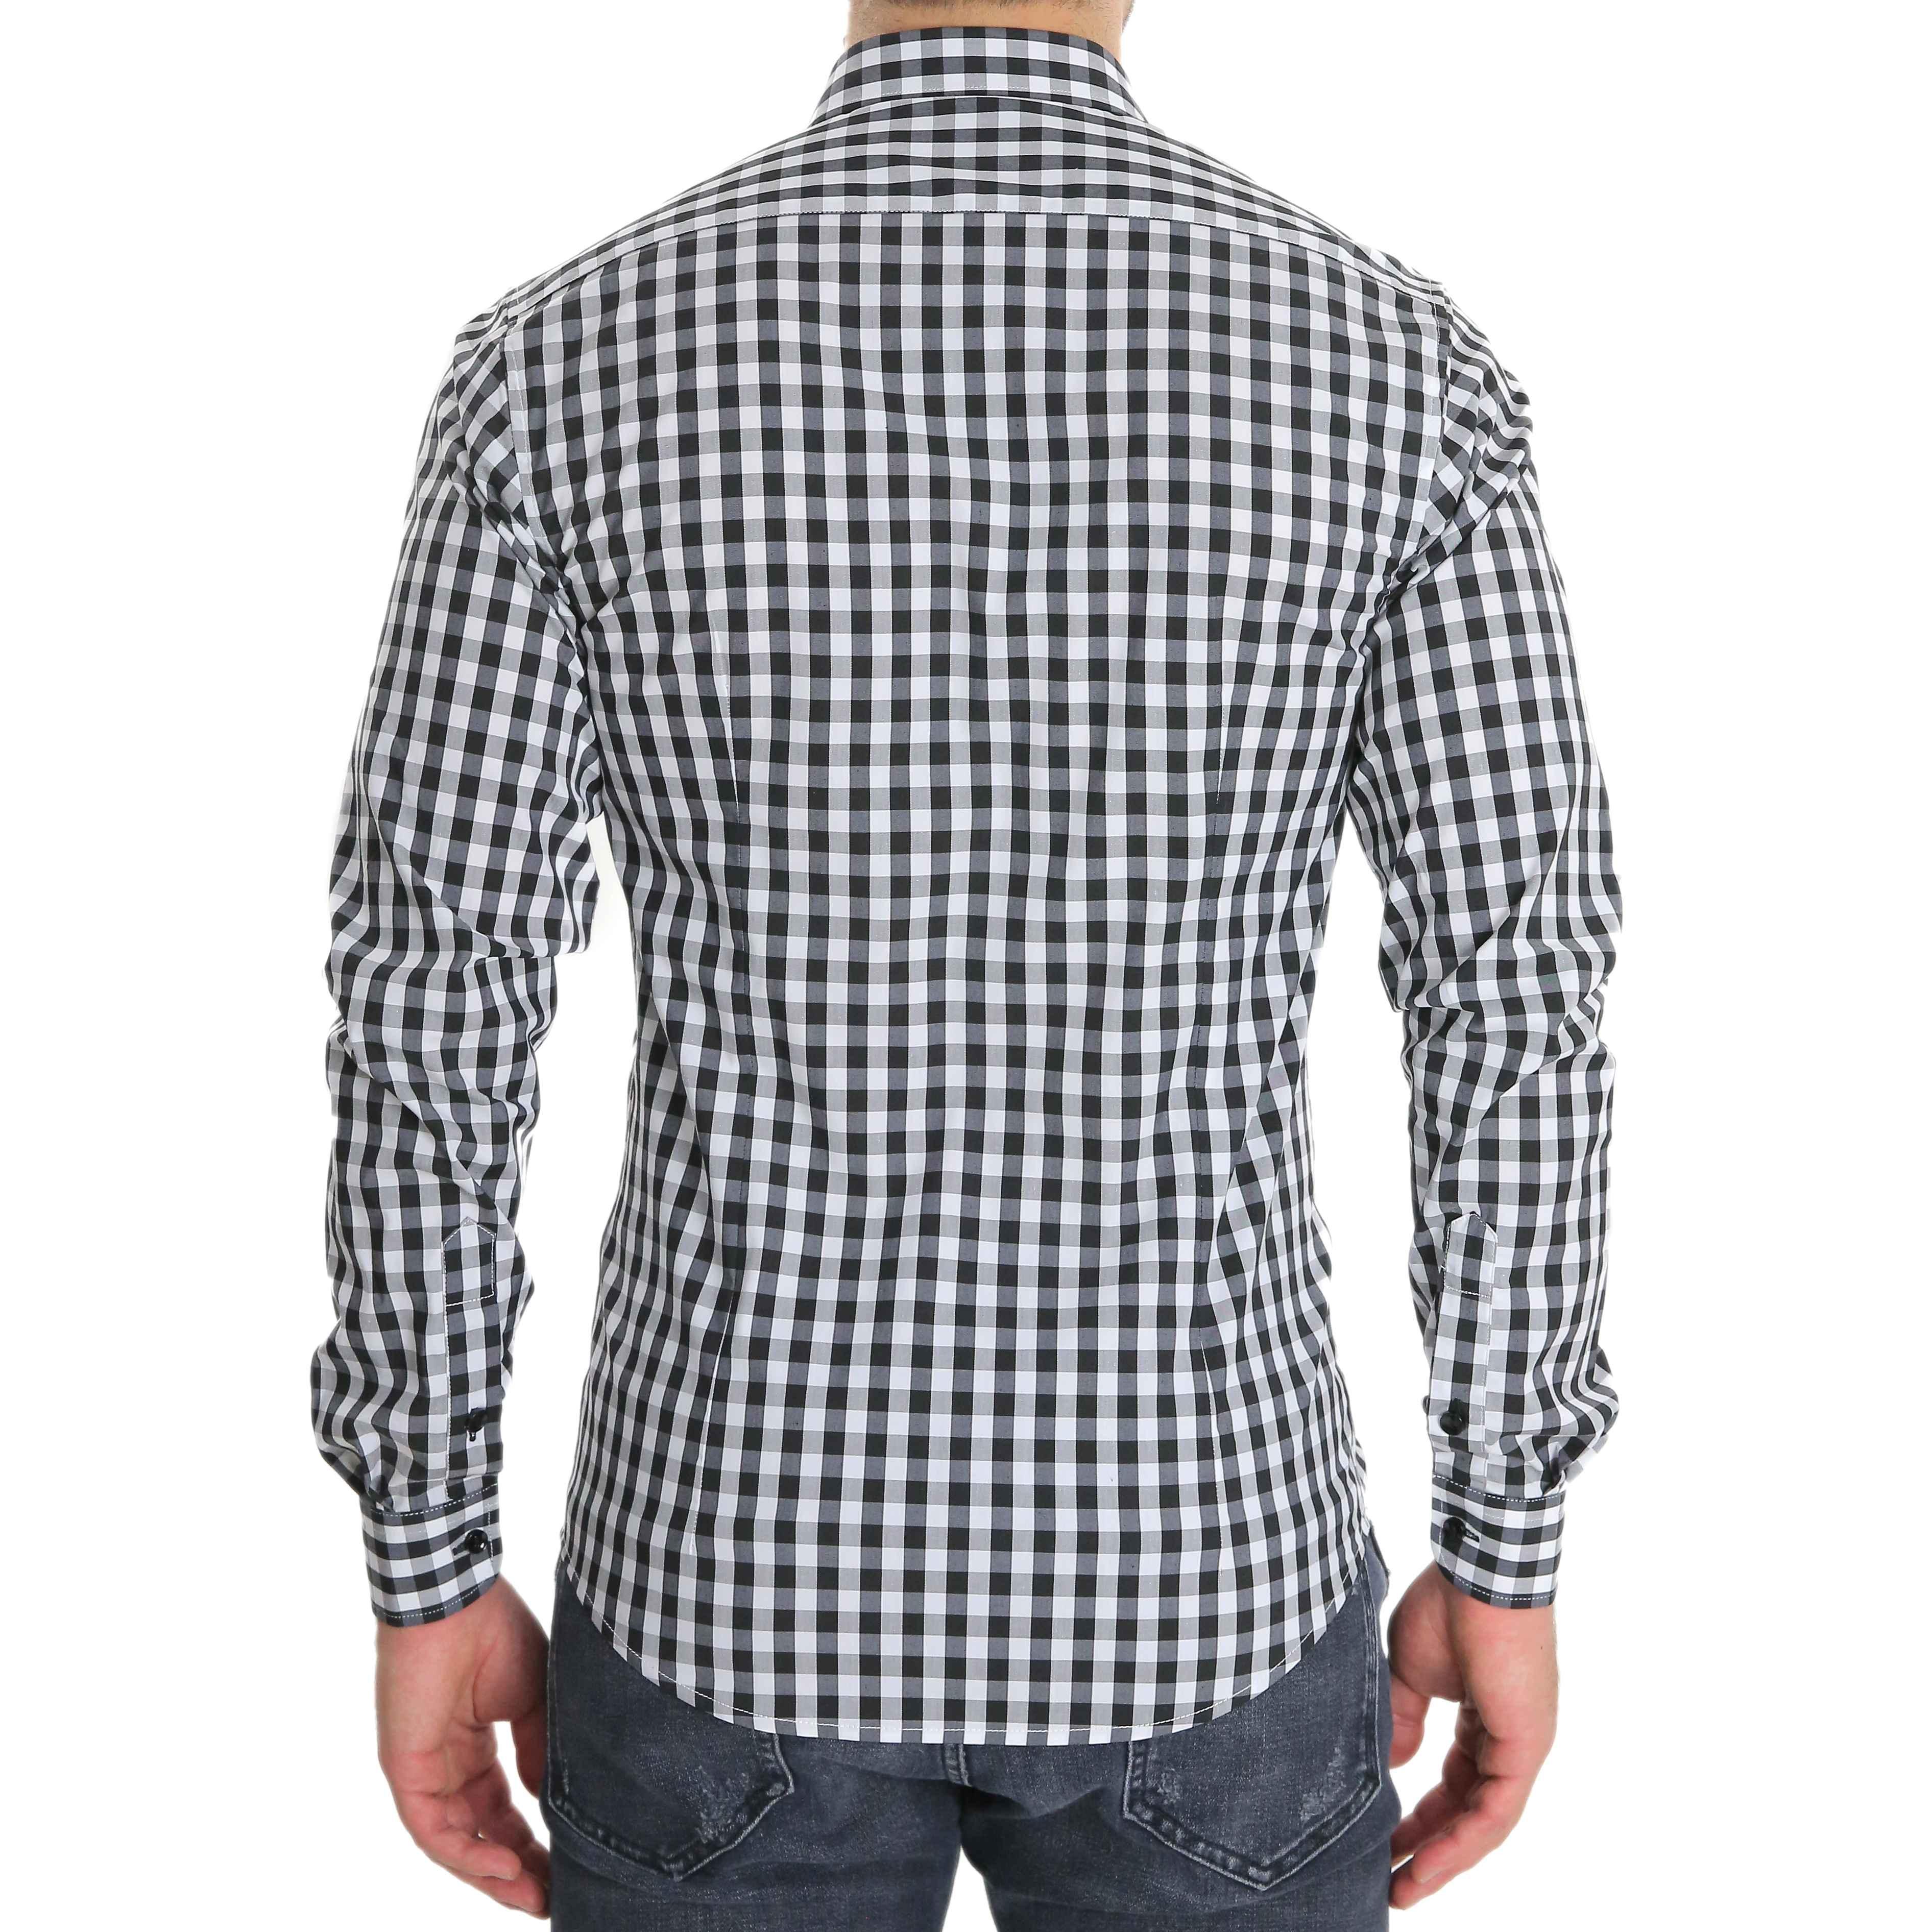 Camicia-Uomo-Cotone-Quadretti-Casual-Slim-Fit-Quadri-Scozzese-Manica-Lunga miniatura 11